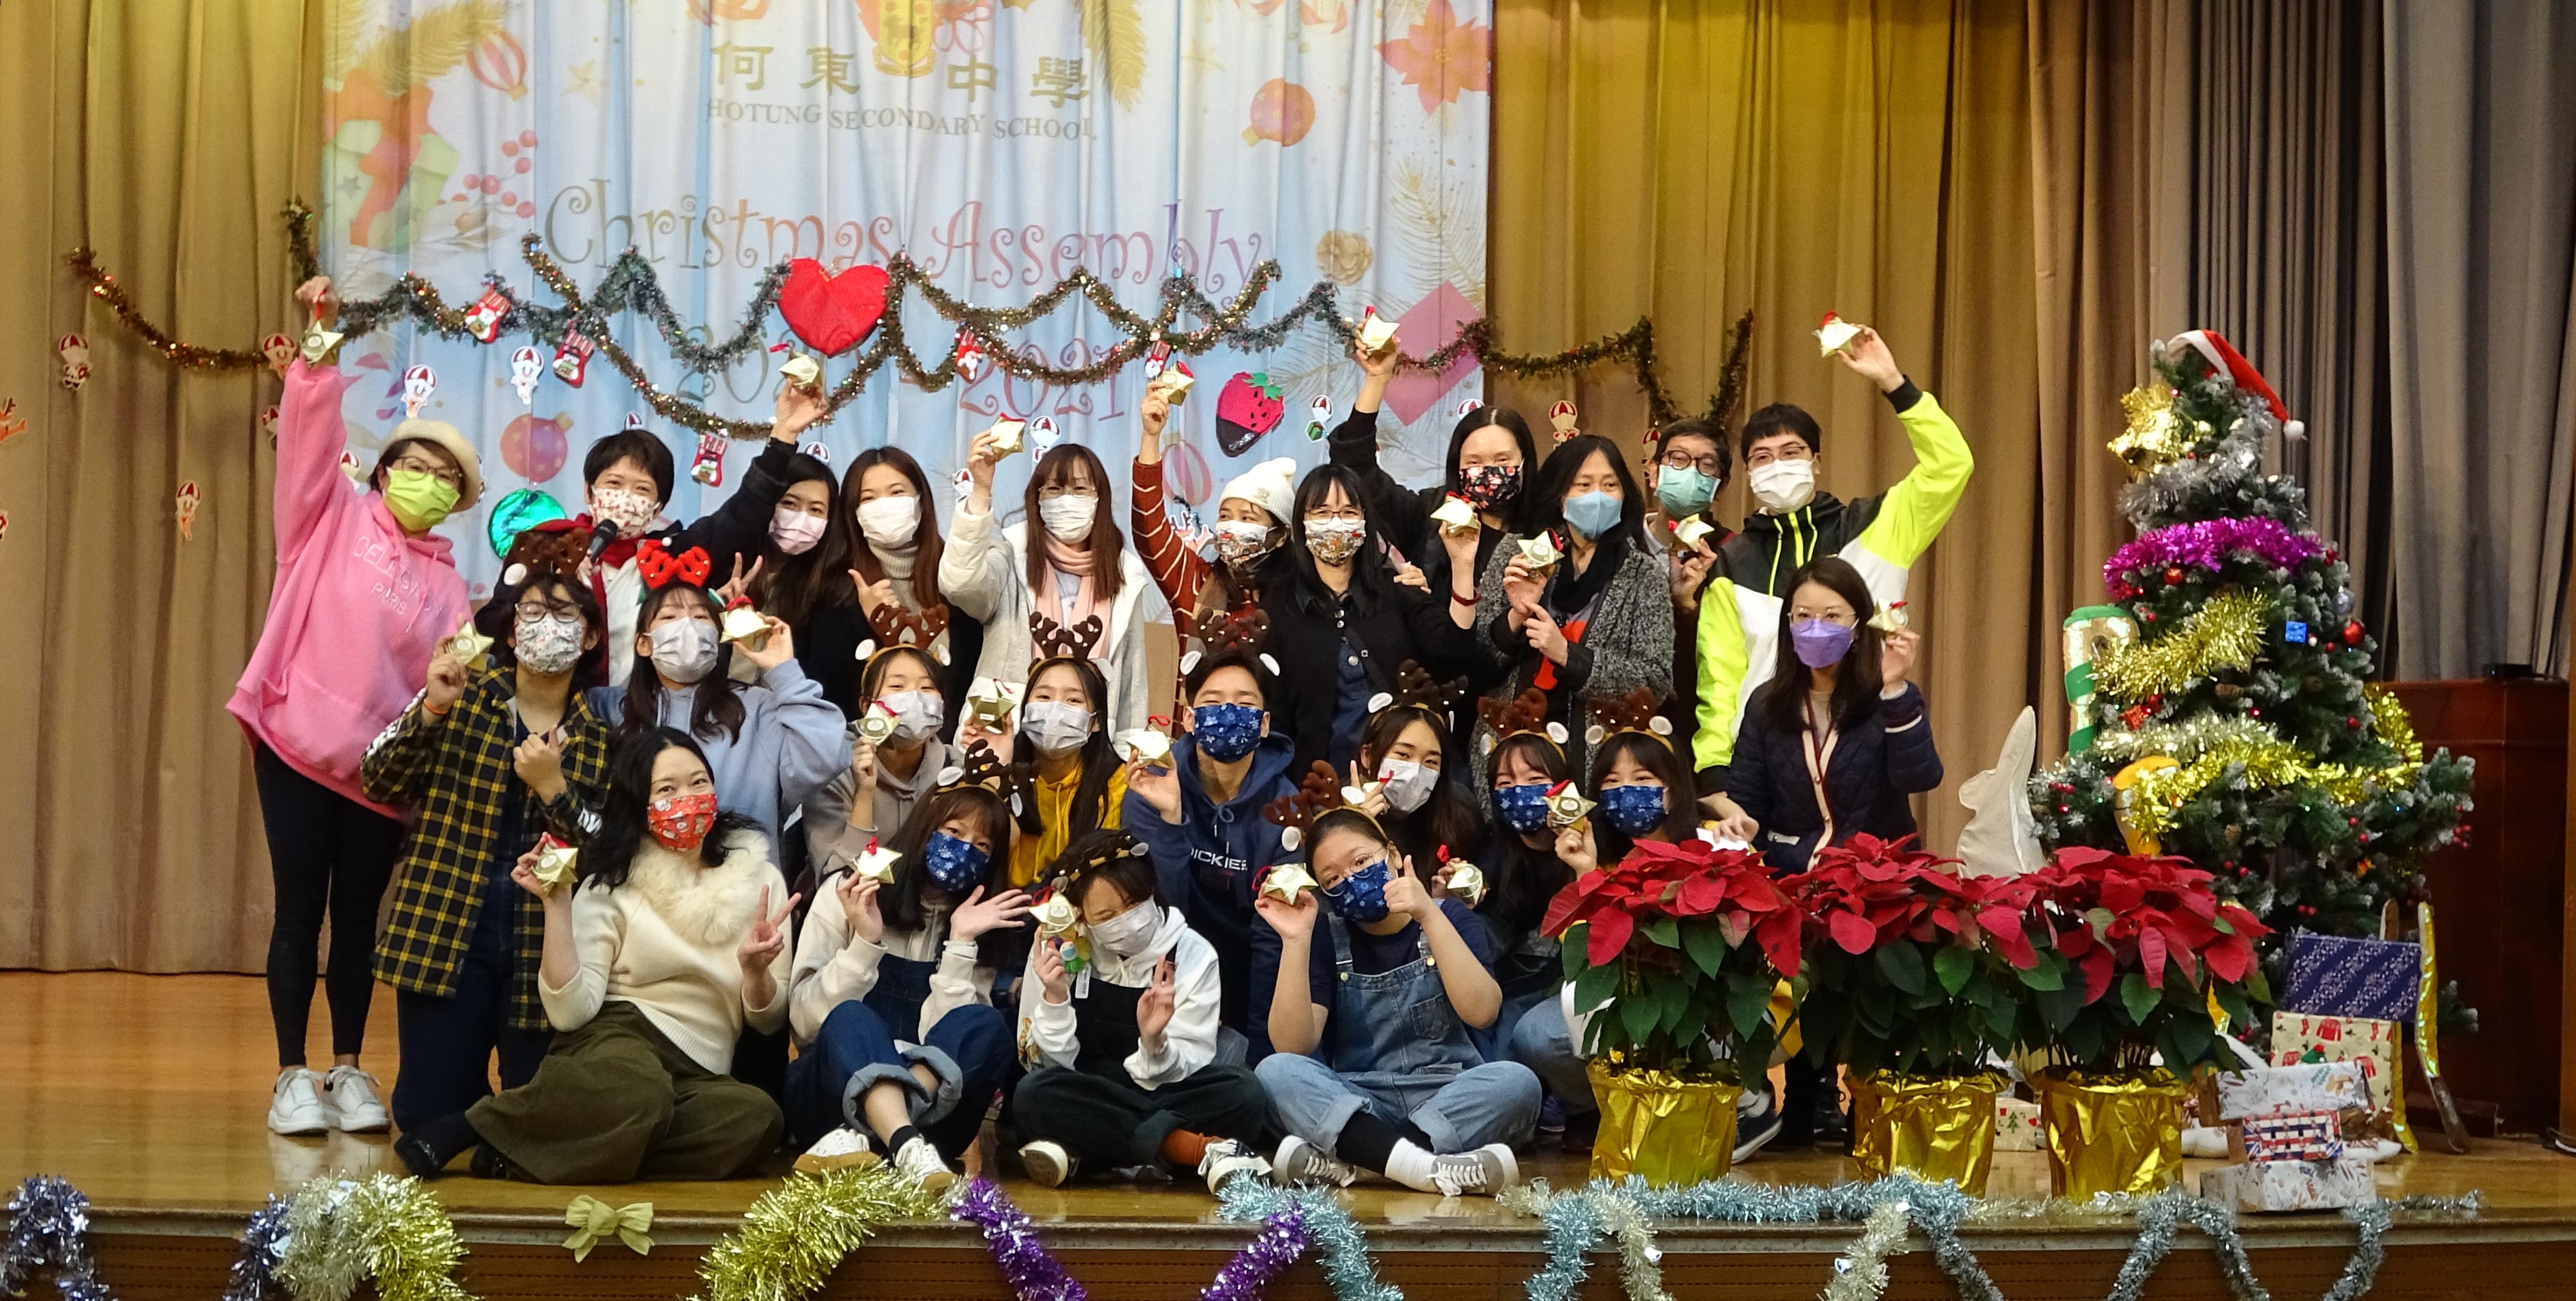 聖誕聯歡會 (21-12-2020)